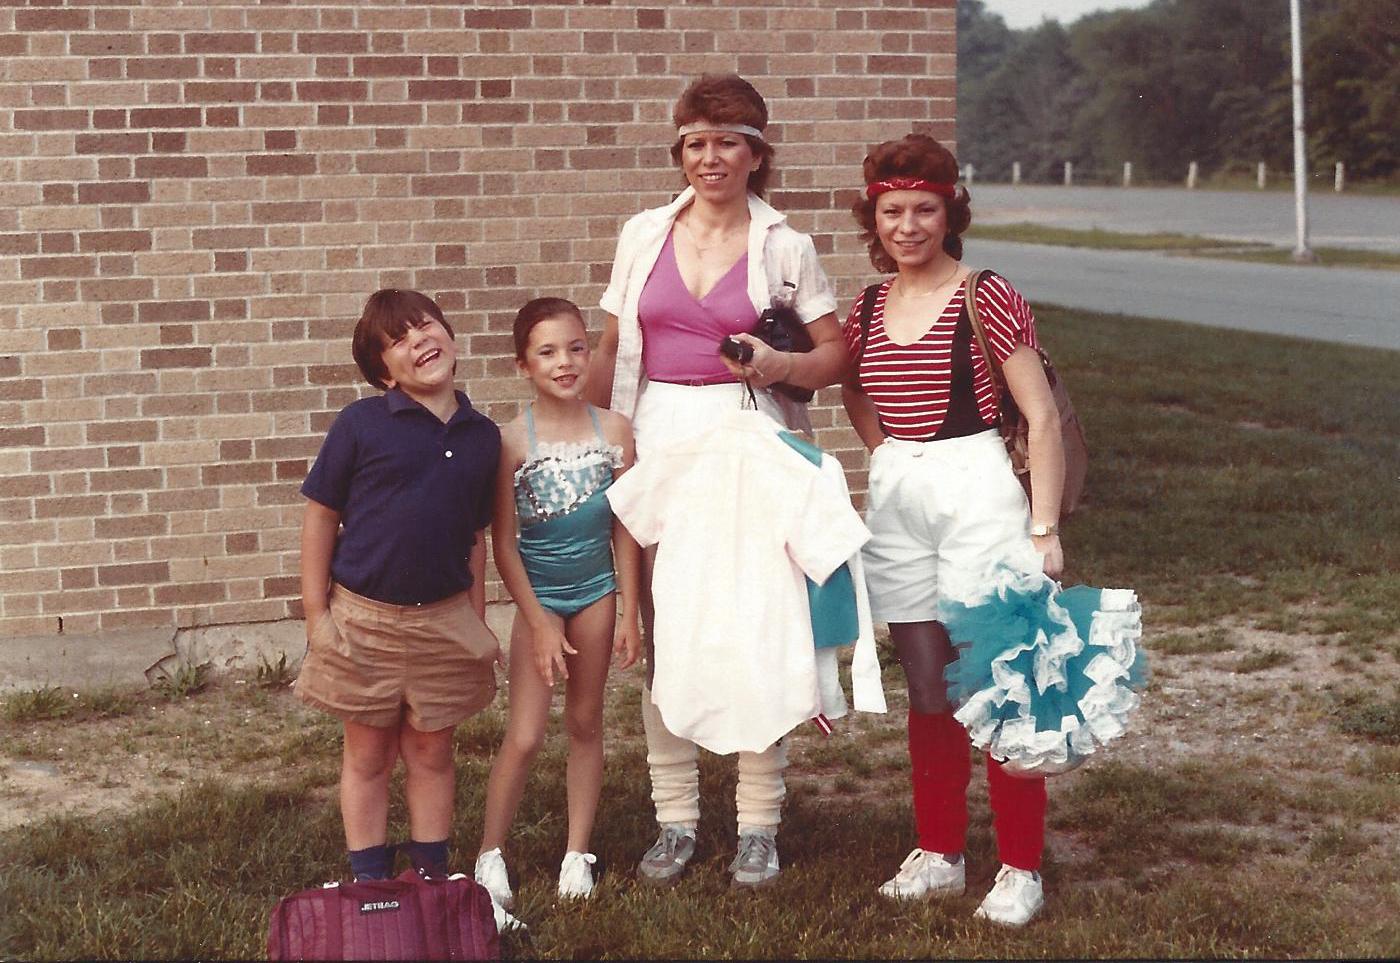 dancer-mom-child-of-the-80s.jpg